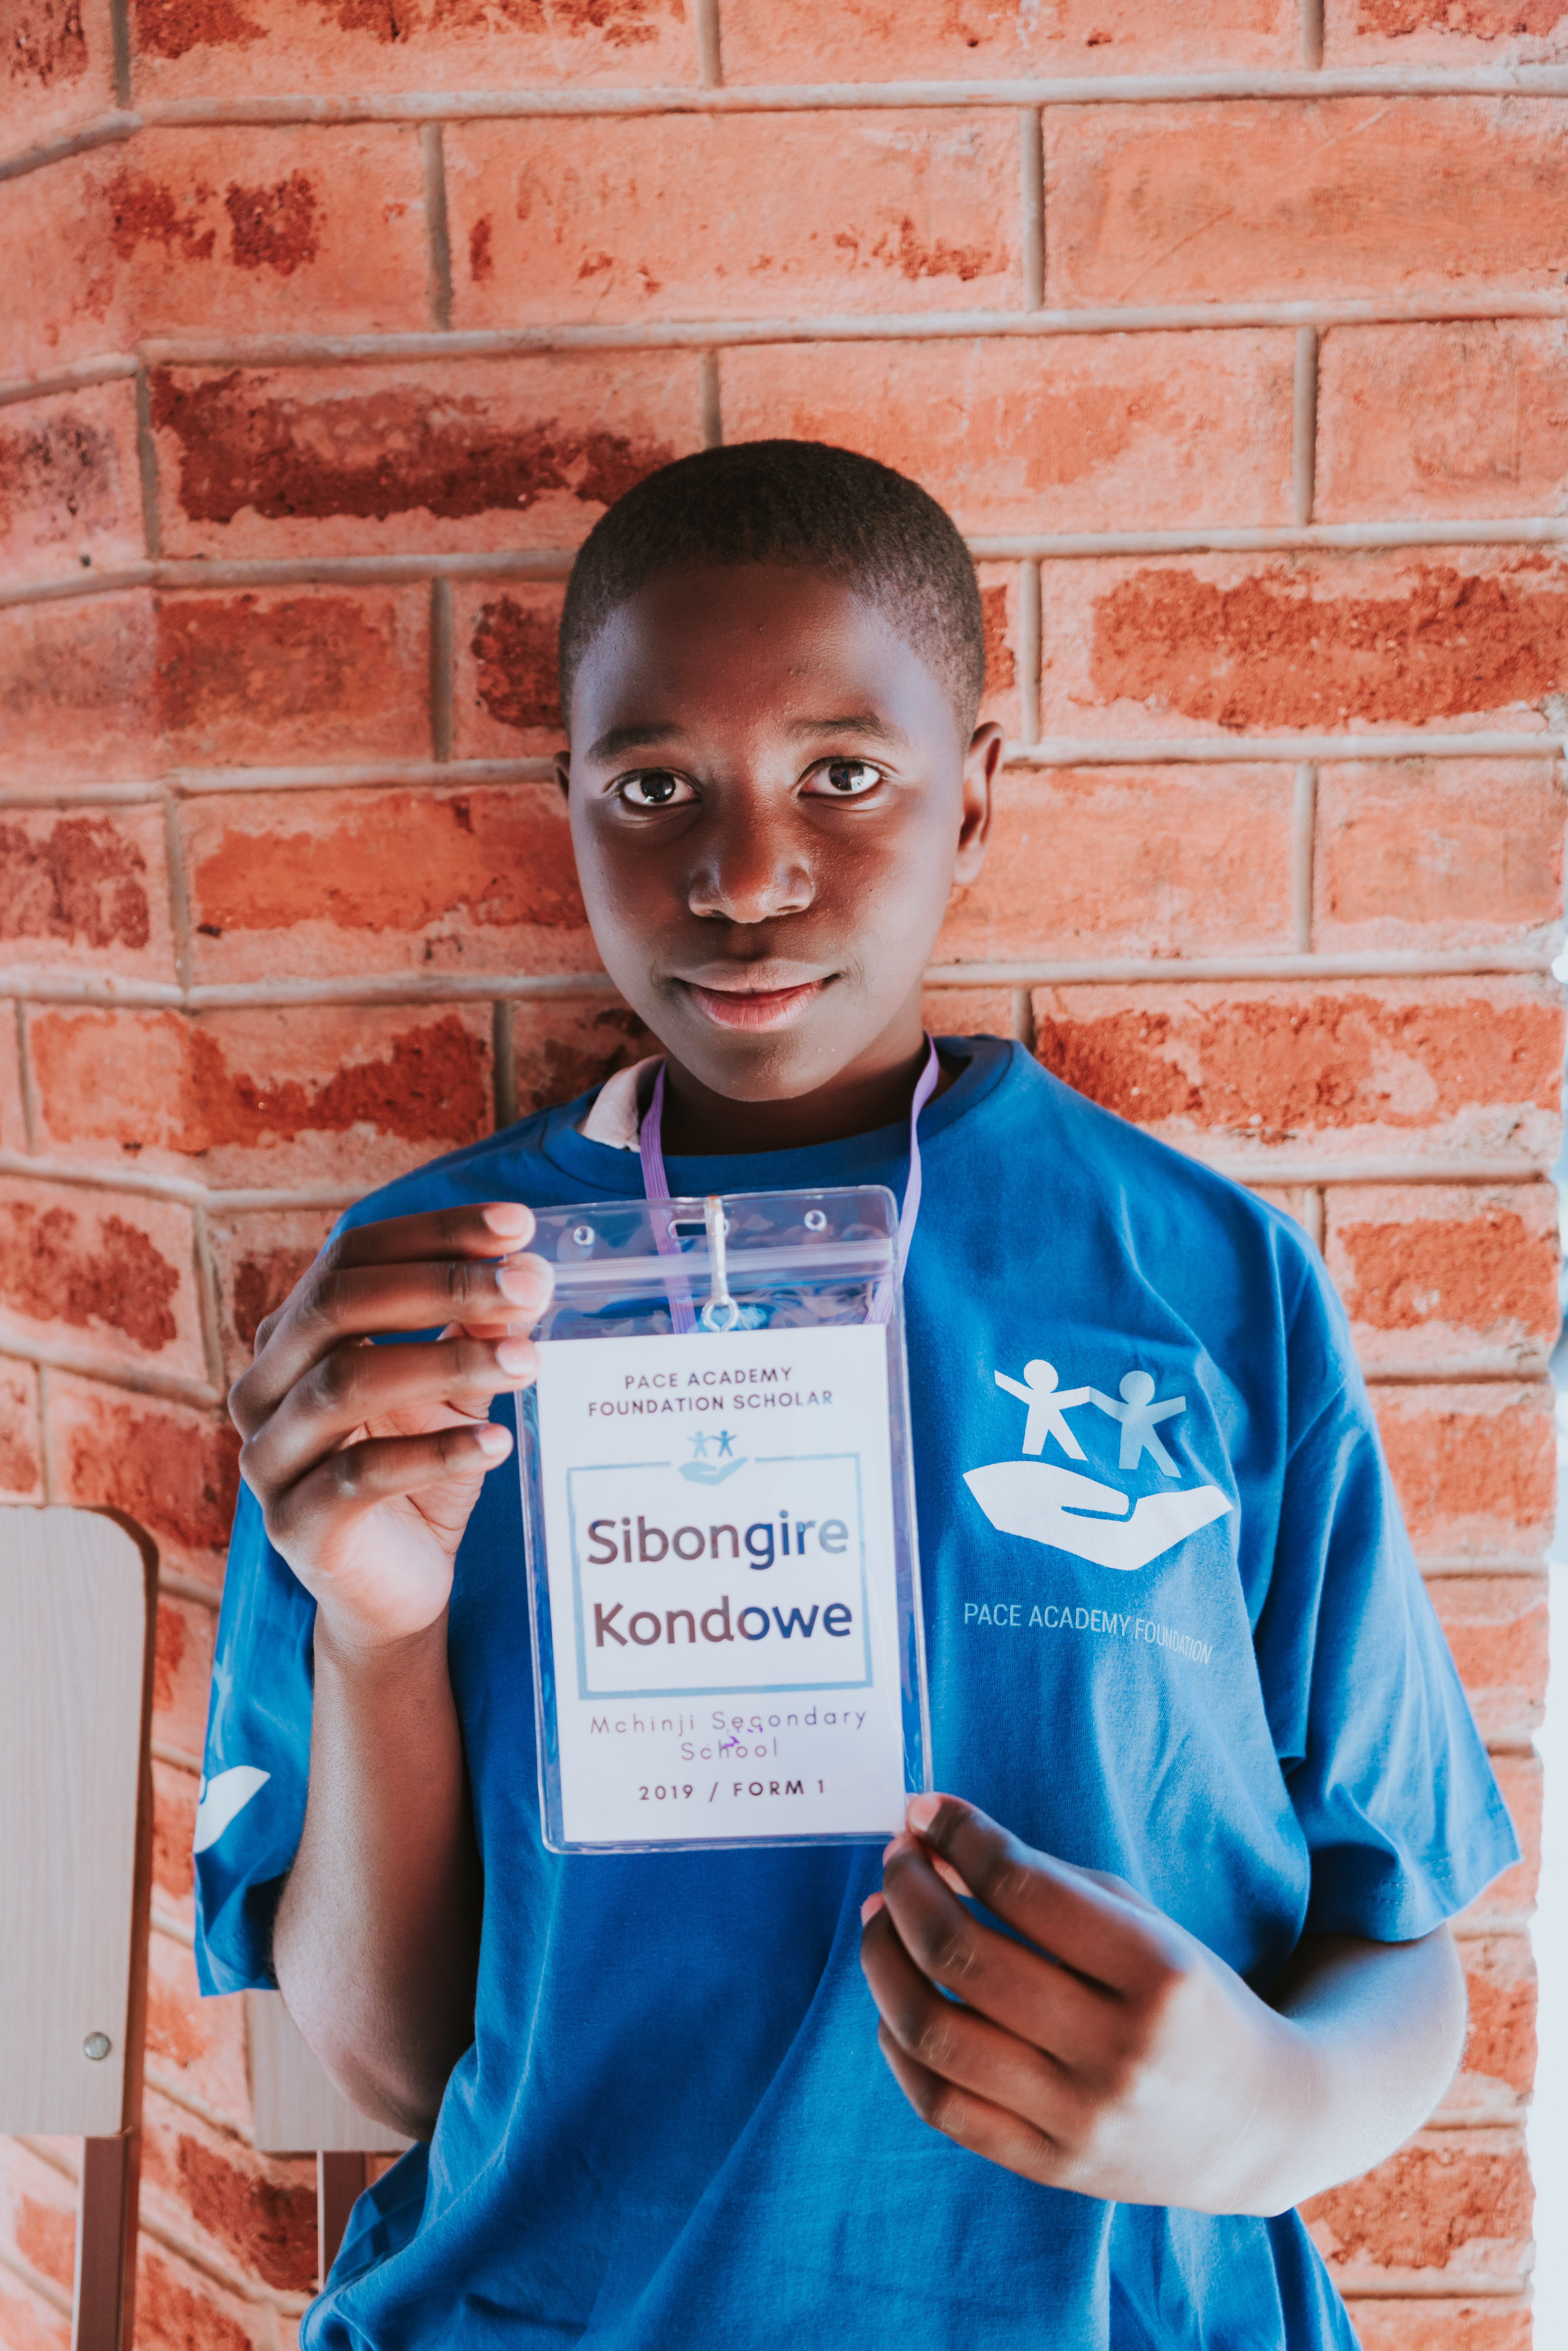 Sibongire Kondowe (Mchinji Secondary Sch